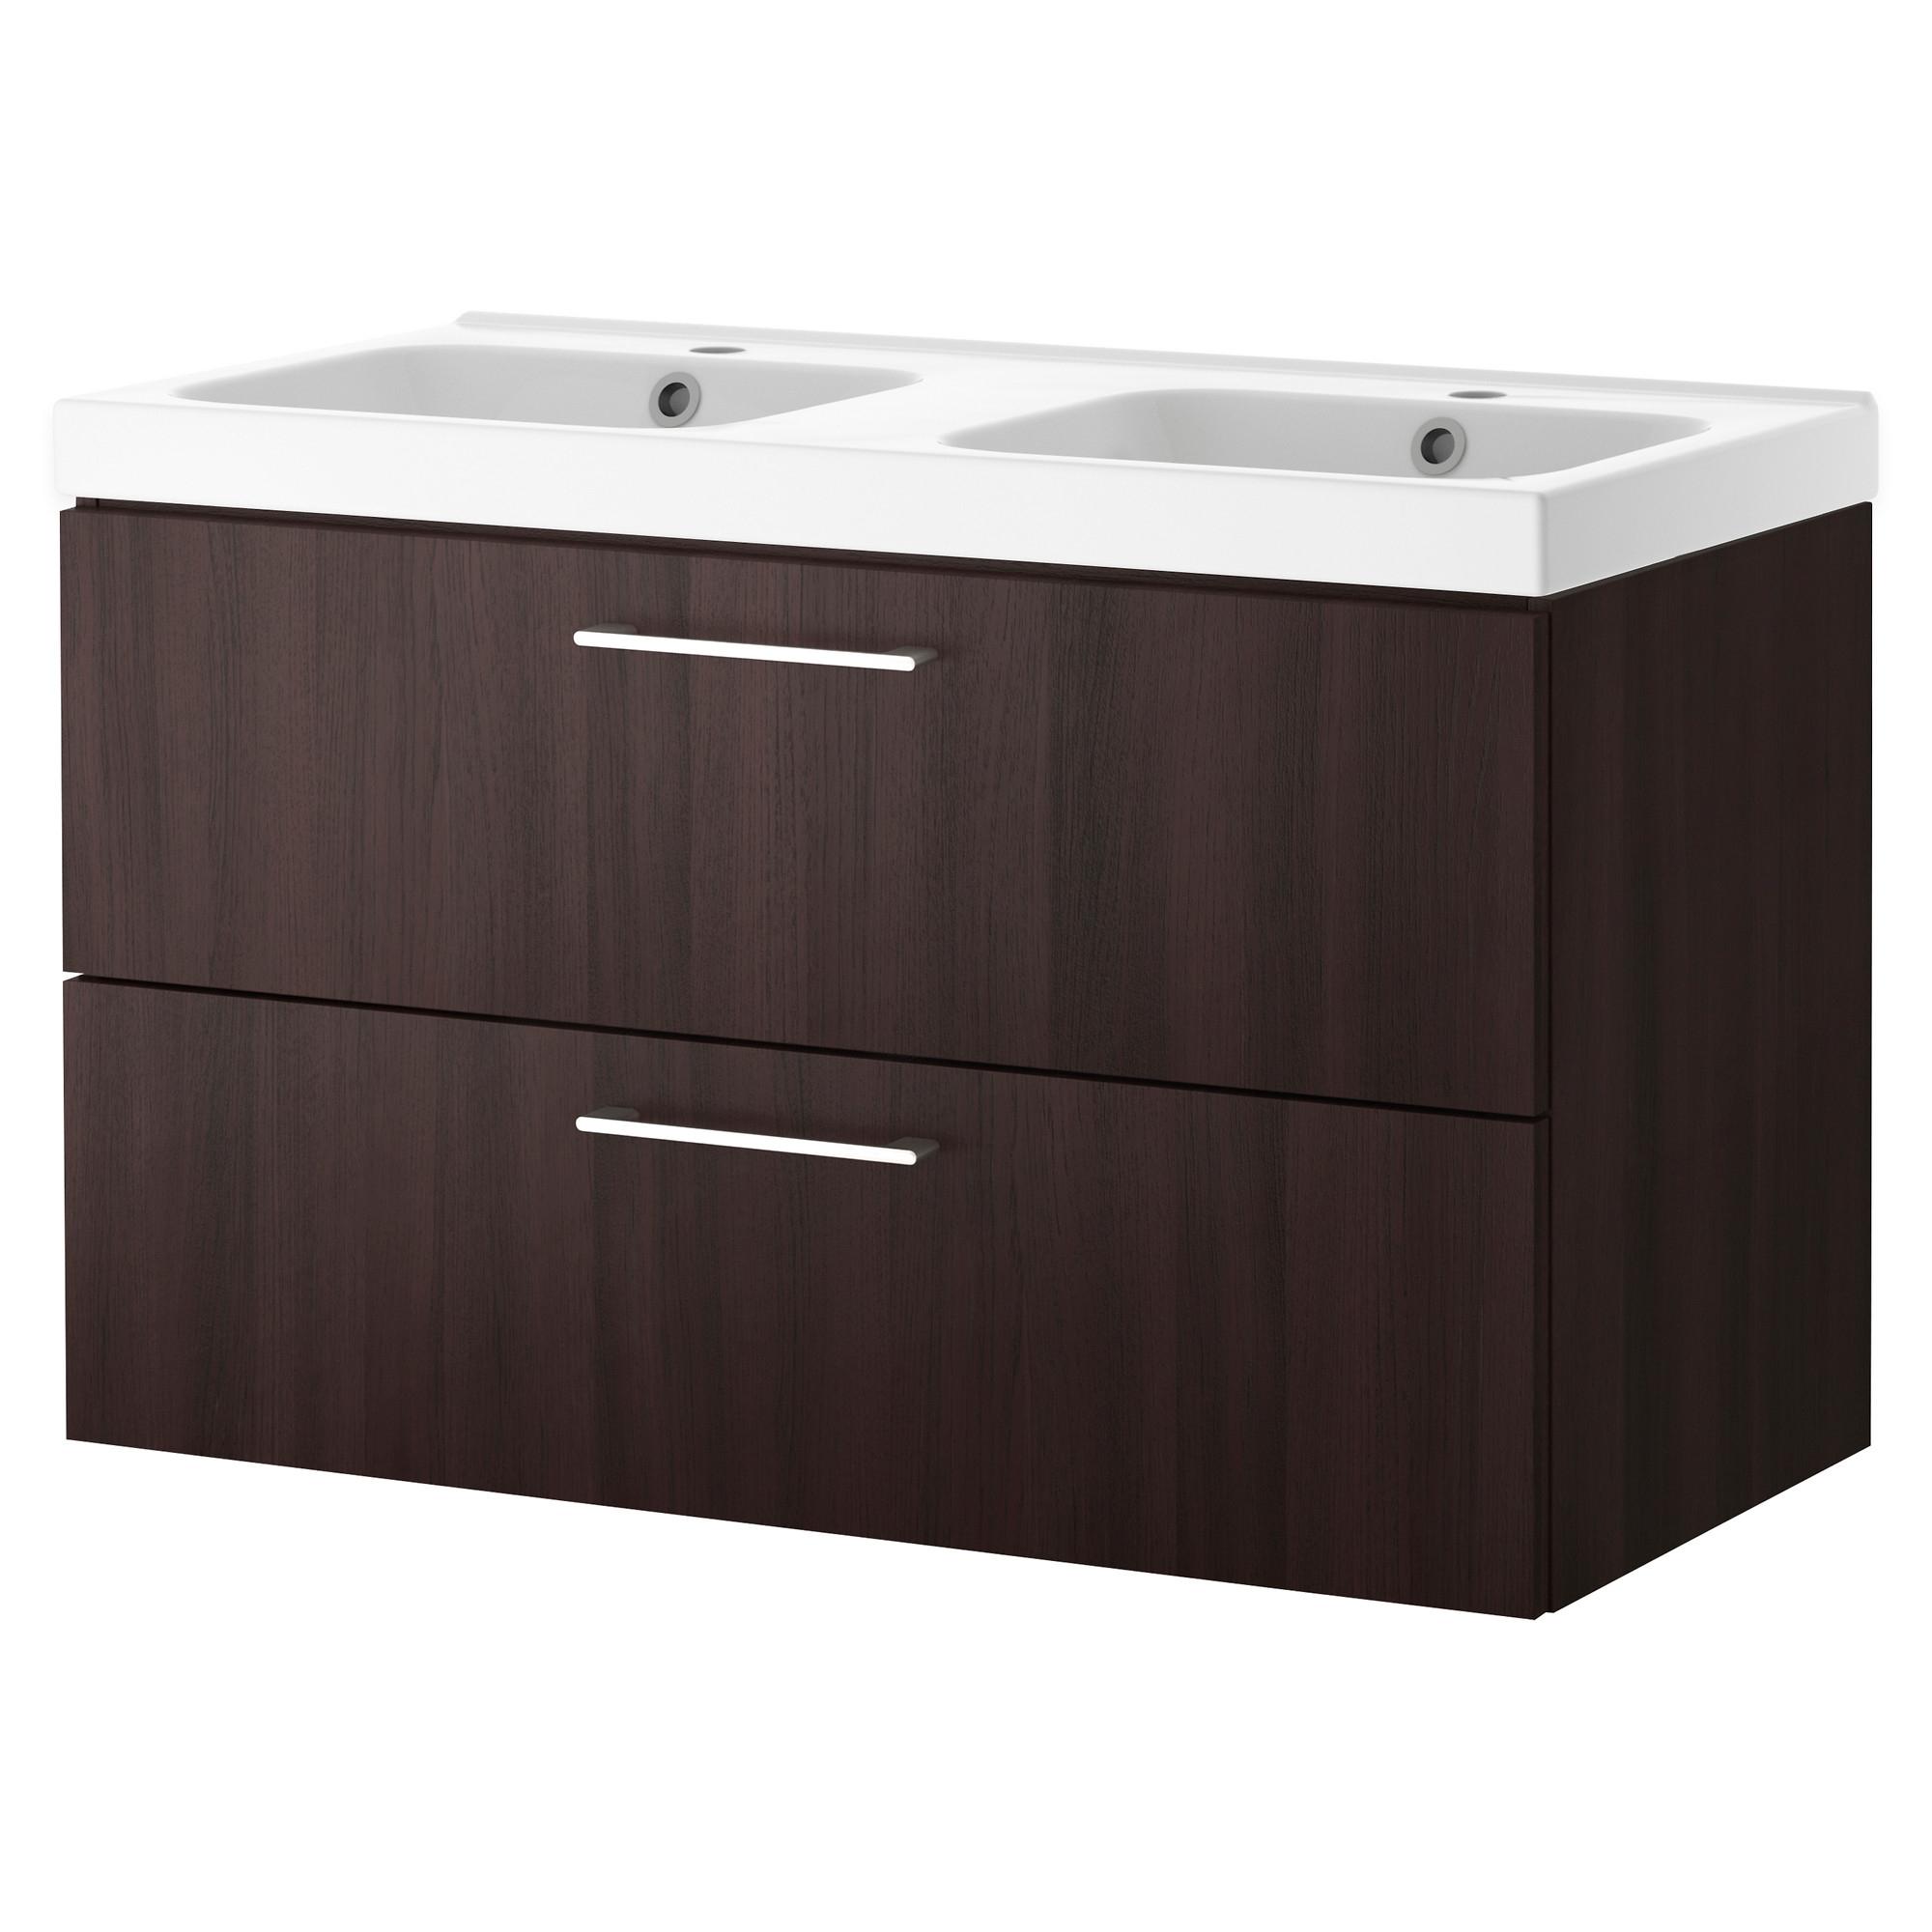 Godmorgon odensvik doble armario lavabo 2 cajones 100cm - Muebles lavabo ikea ...